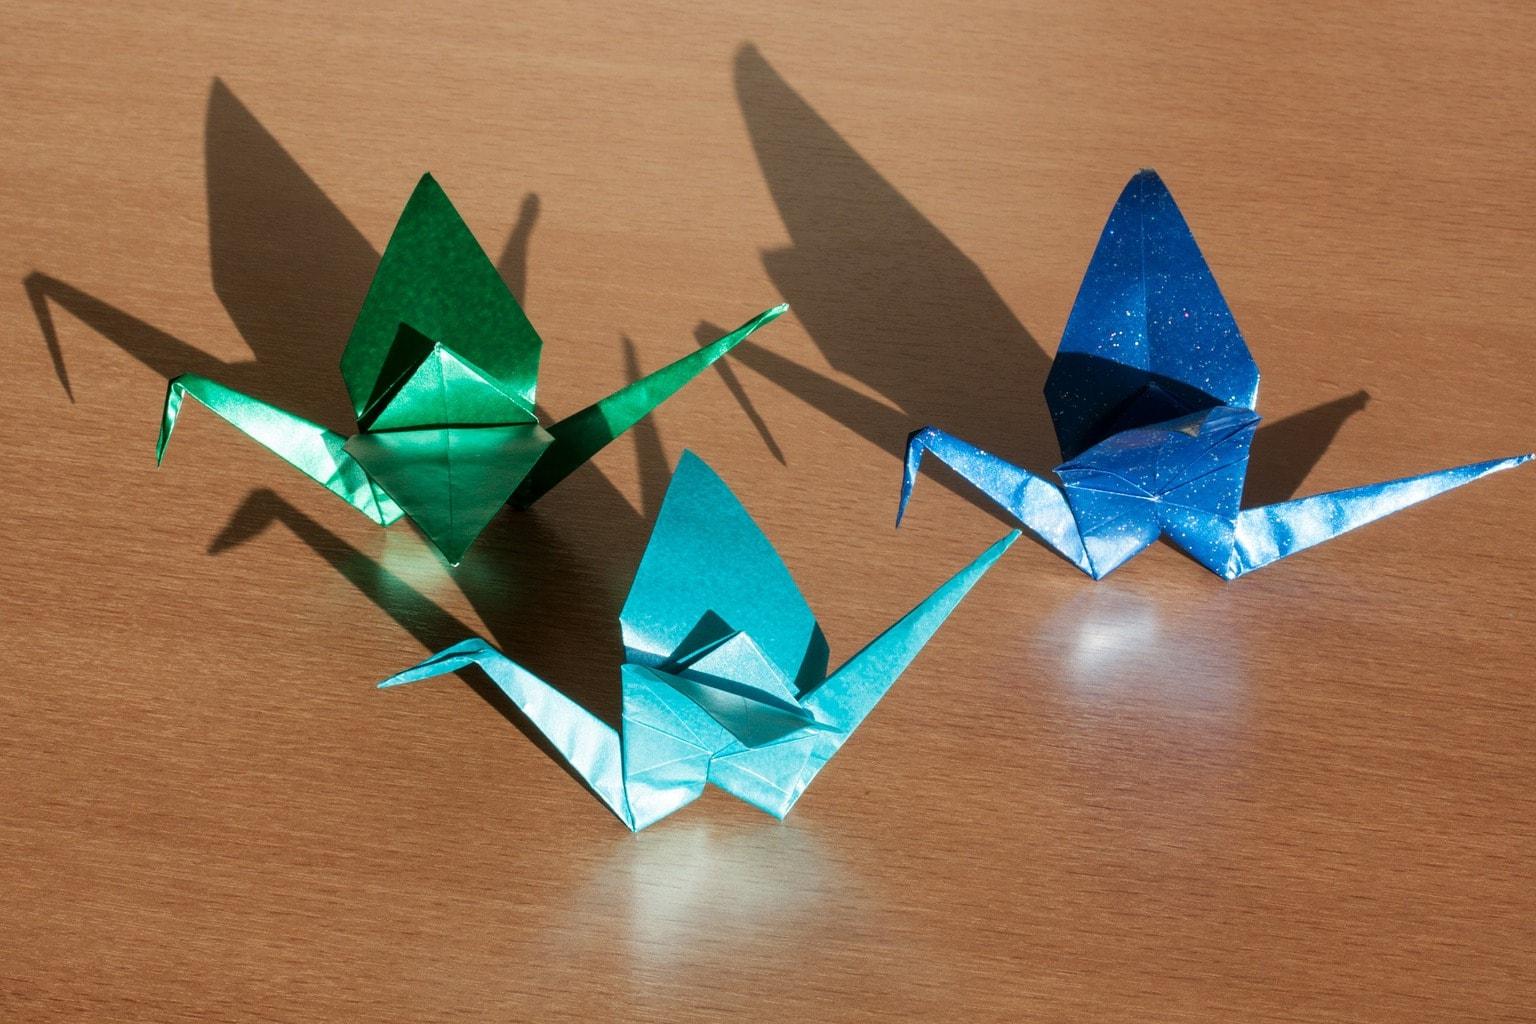 Origami crates